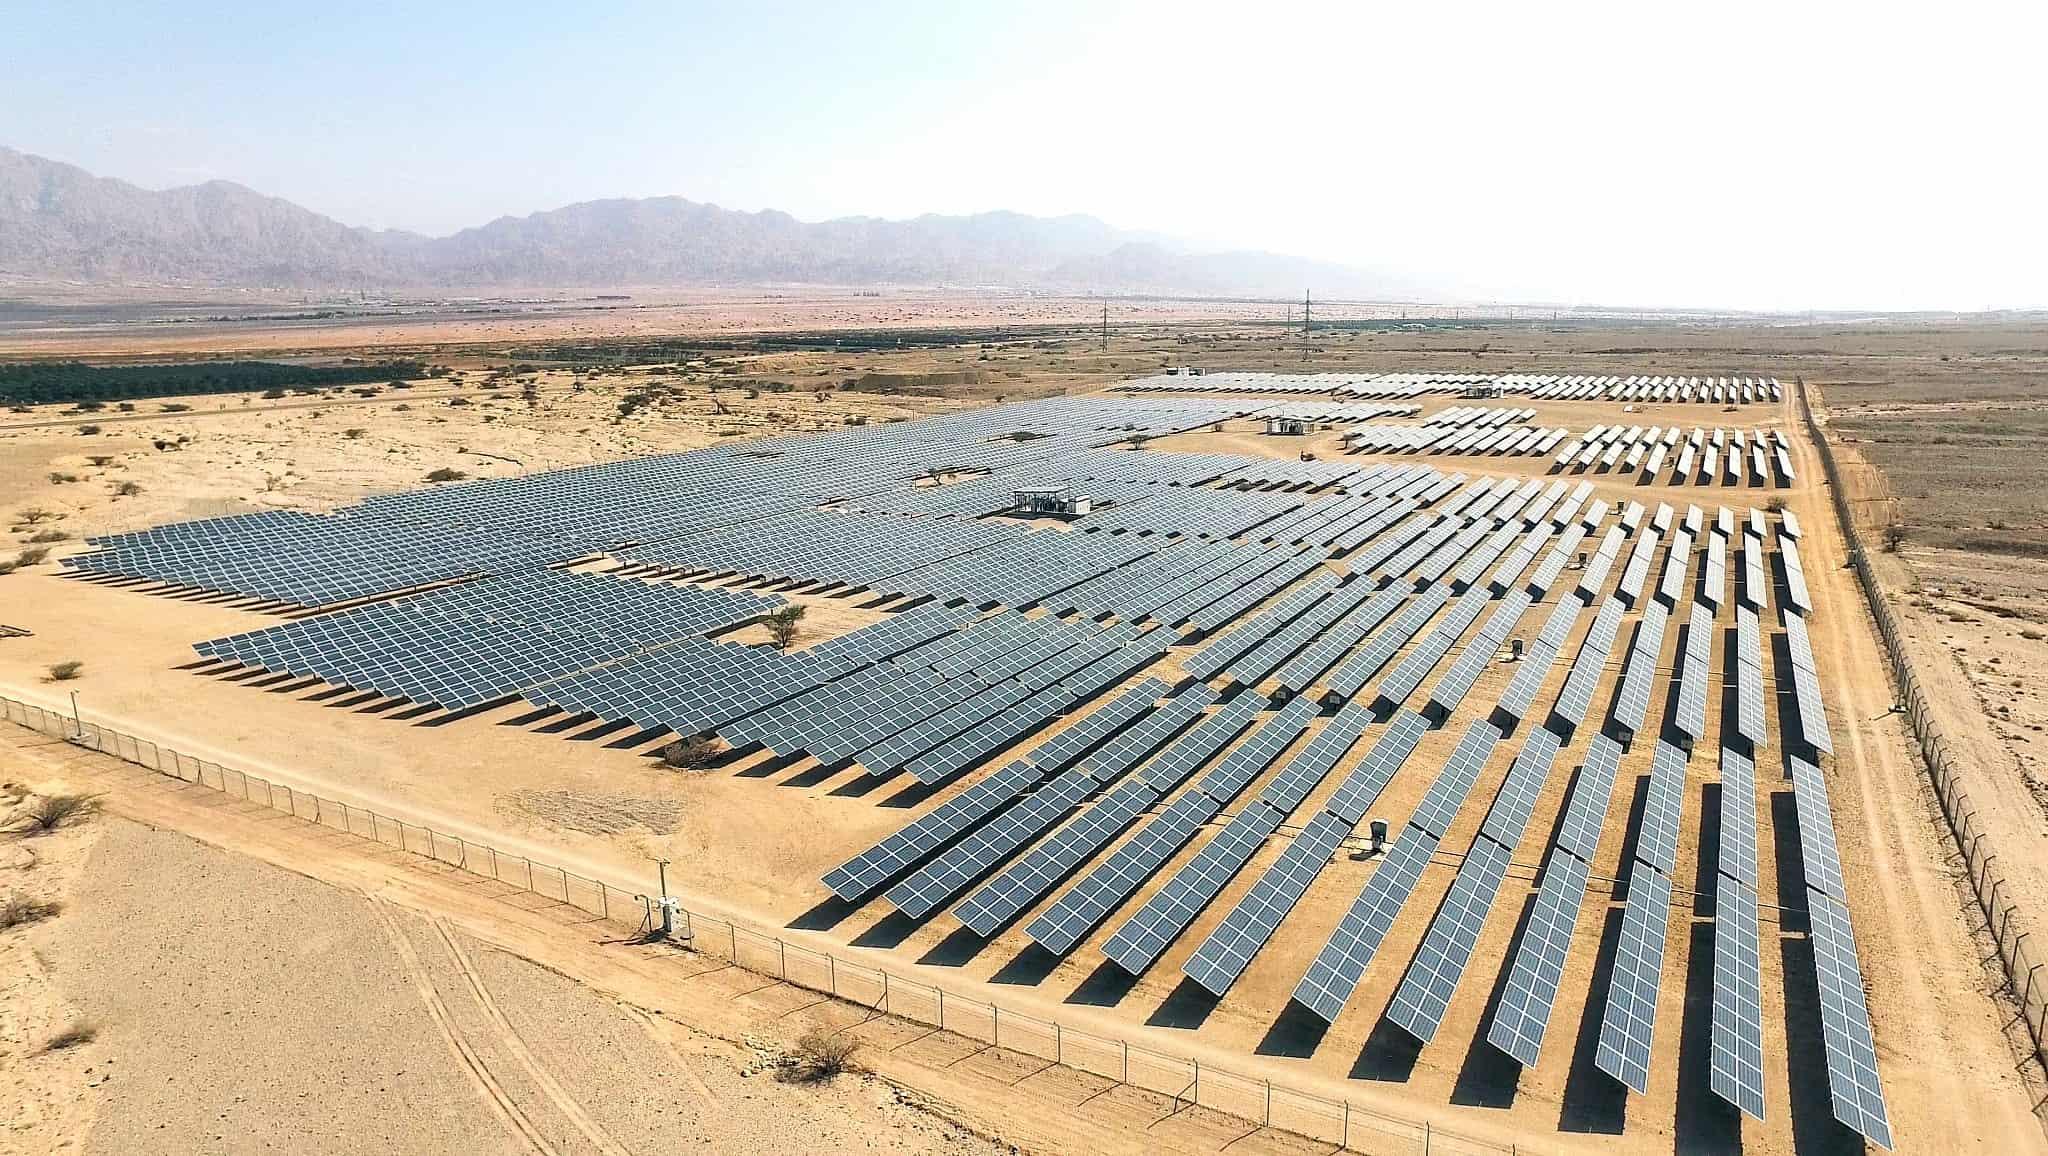 פאנלים לייצור אנרגיה סולארית (צילום: Moshe Shai/FLASH90)